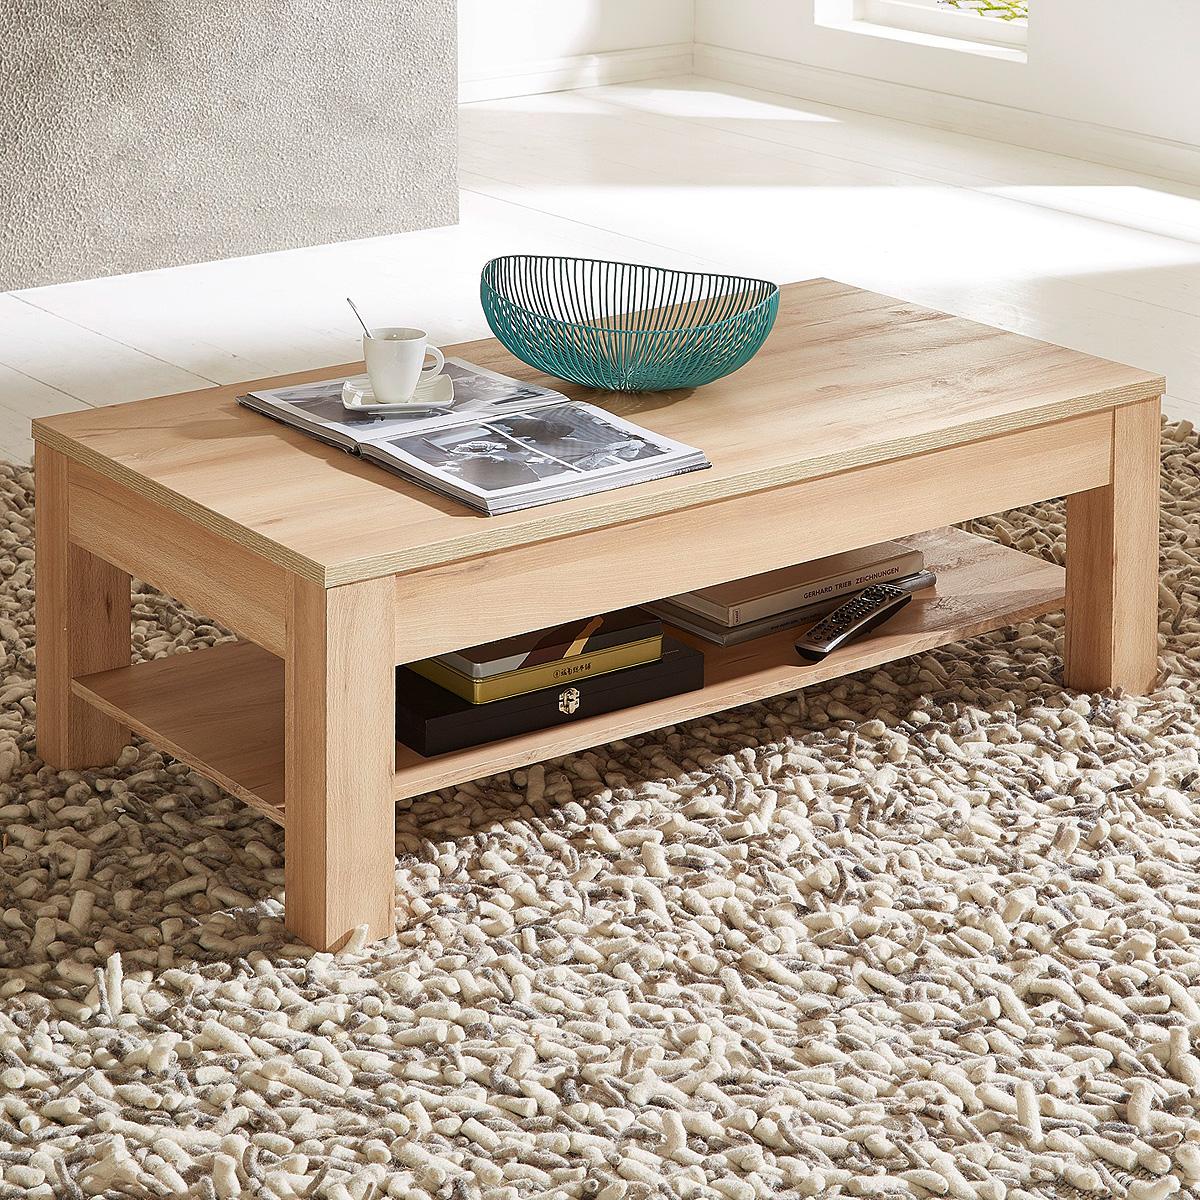 couchtisch banko wohnzimmertisch beistelltisch tisch. Black Bedroom Furniture Sets. Home Design Ideas